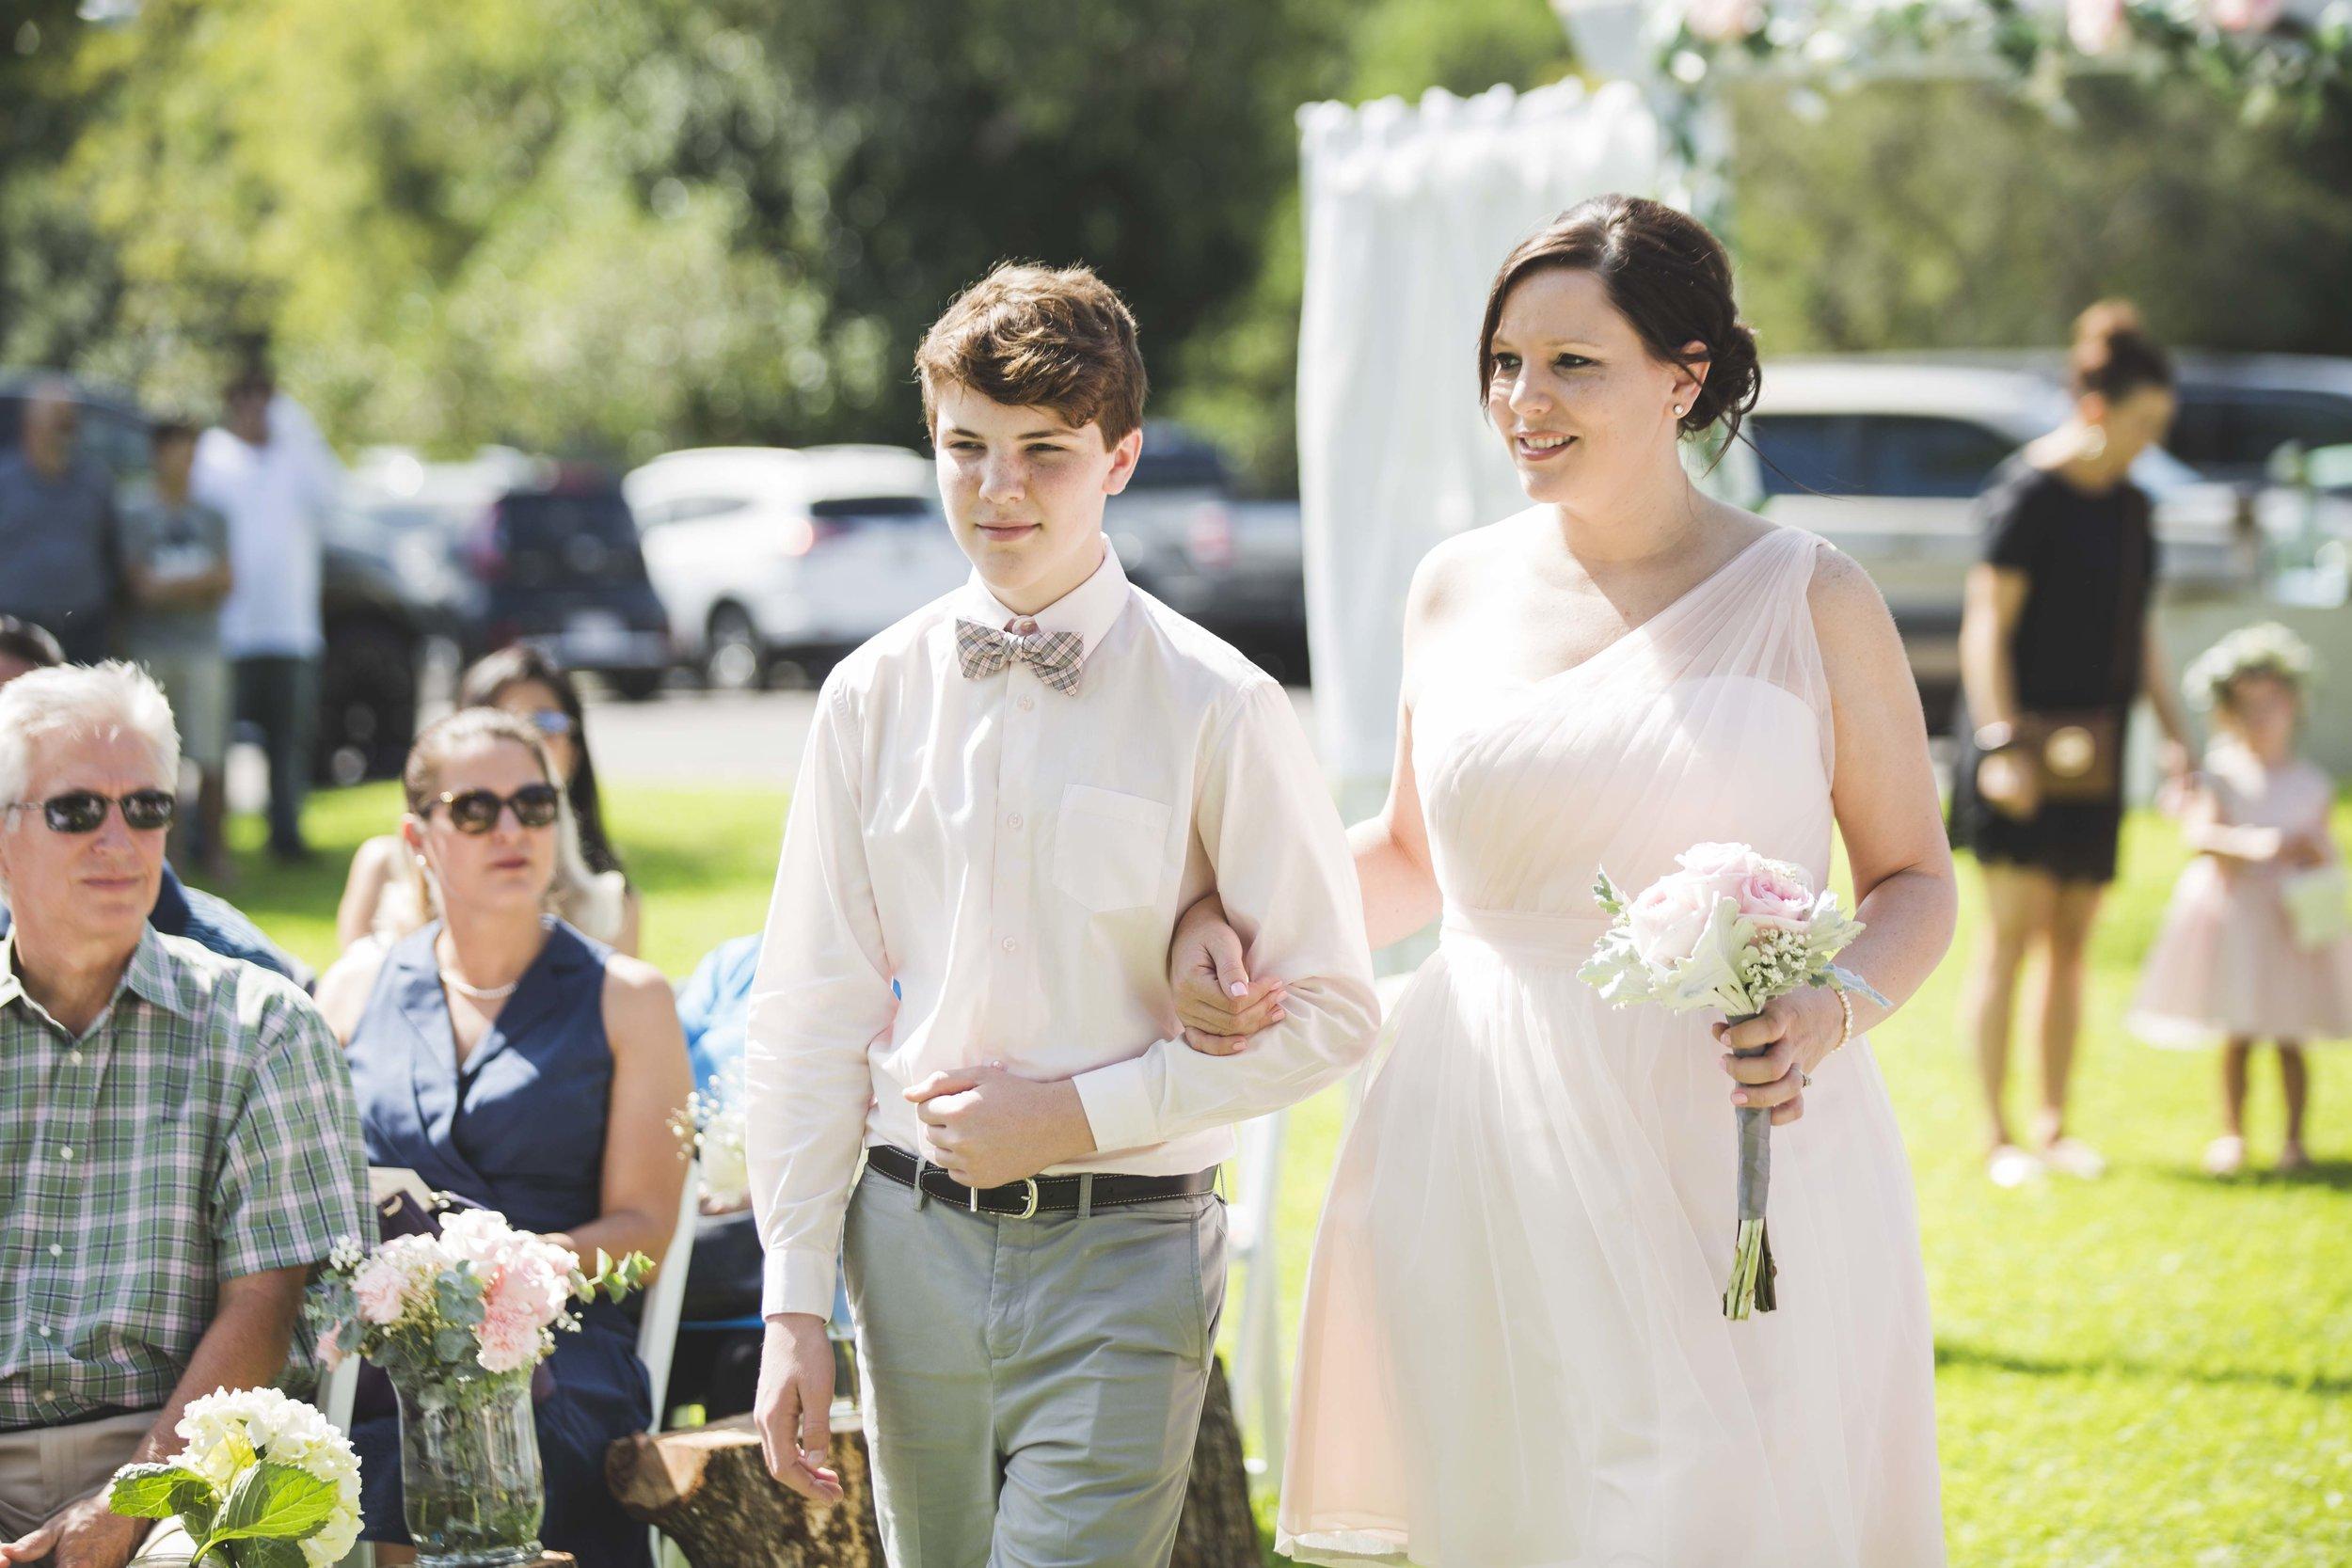 ATGI_Susanna & Matt Wedding_717A7529.jpg